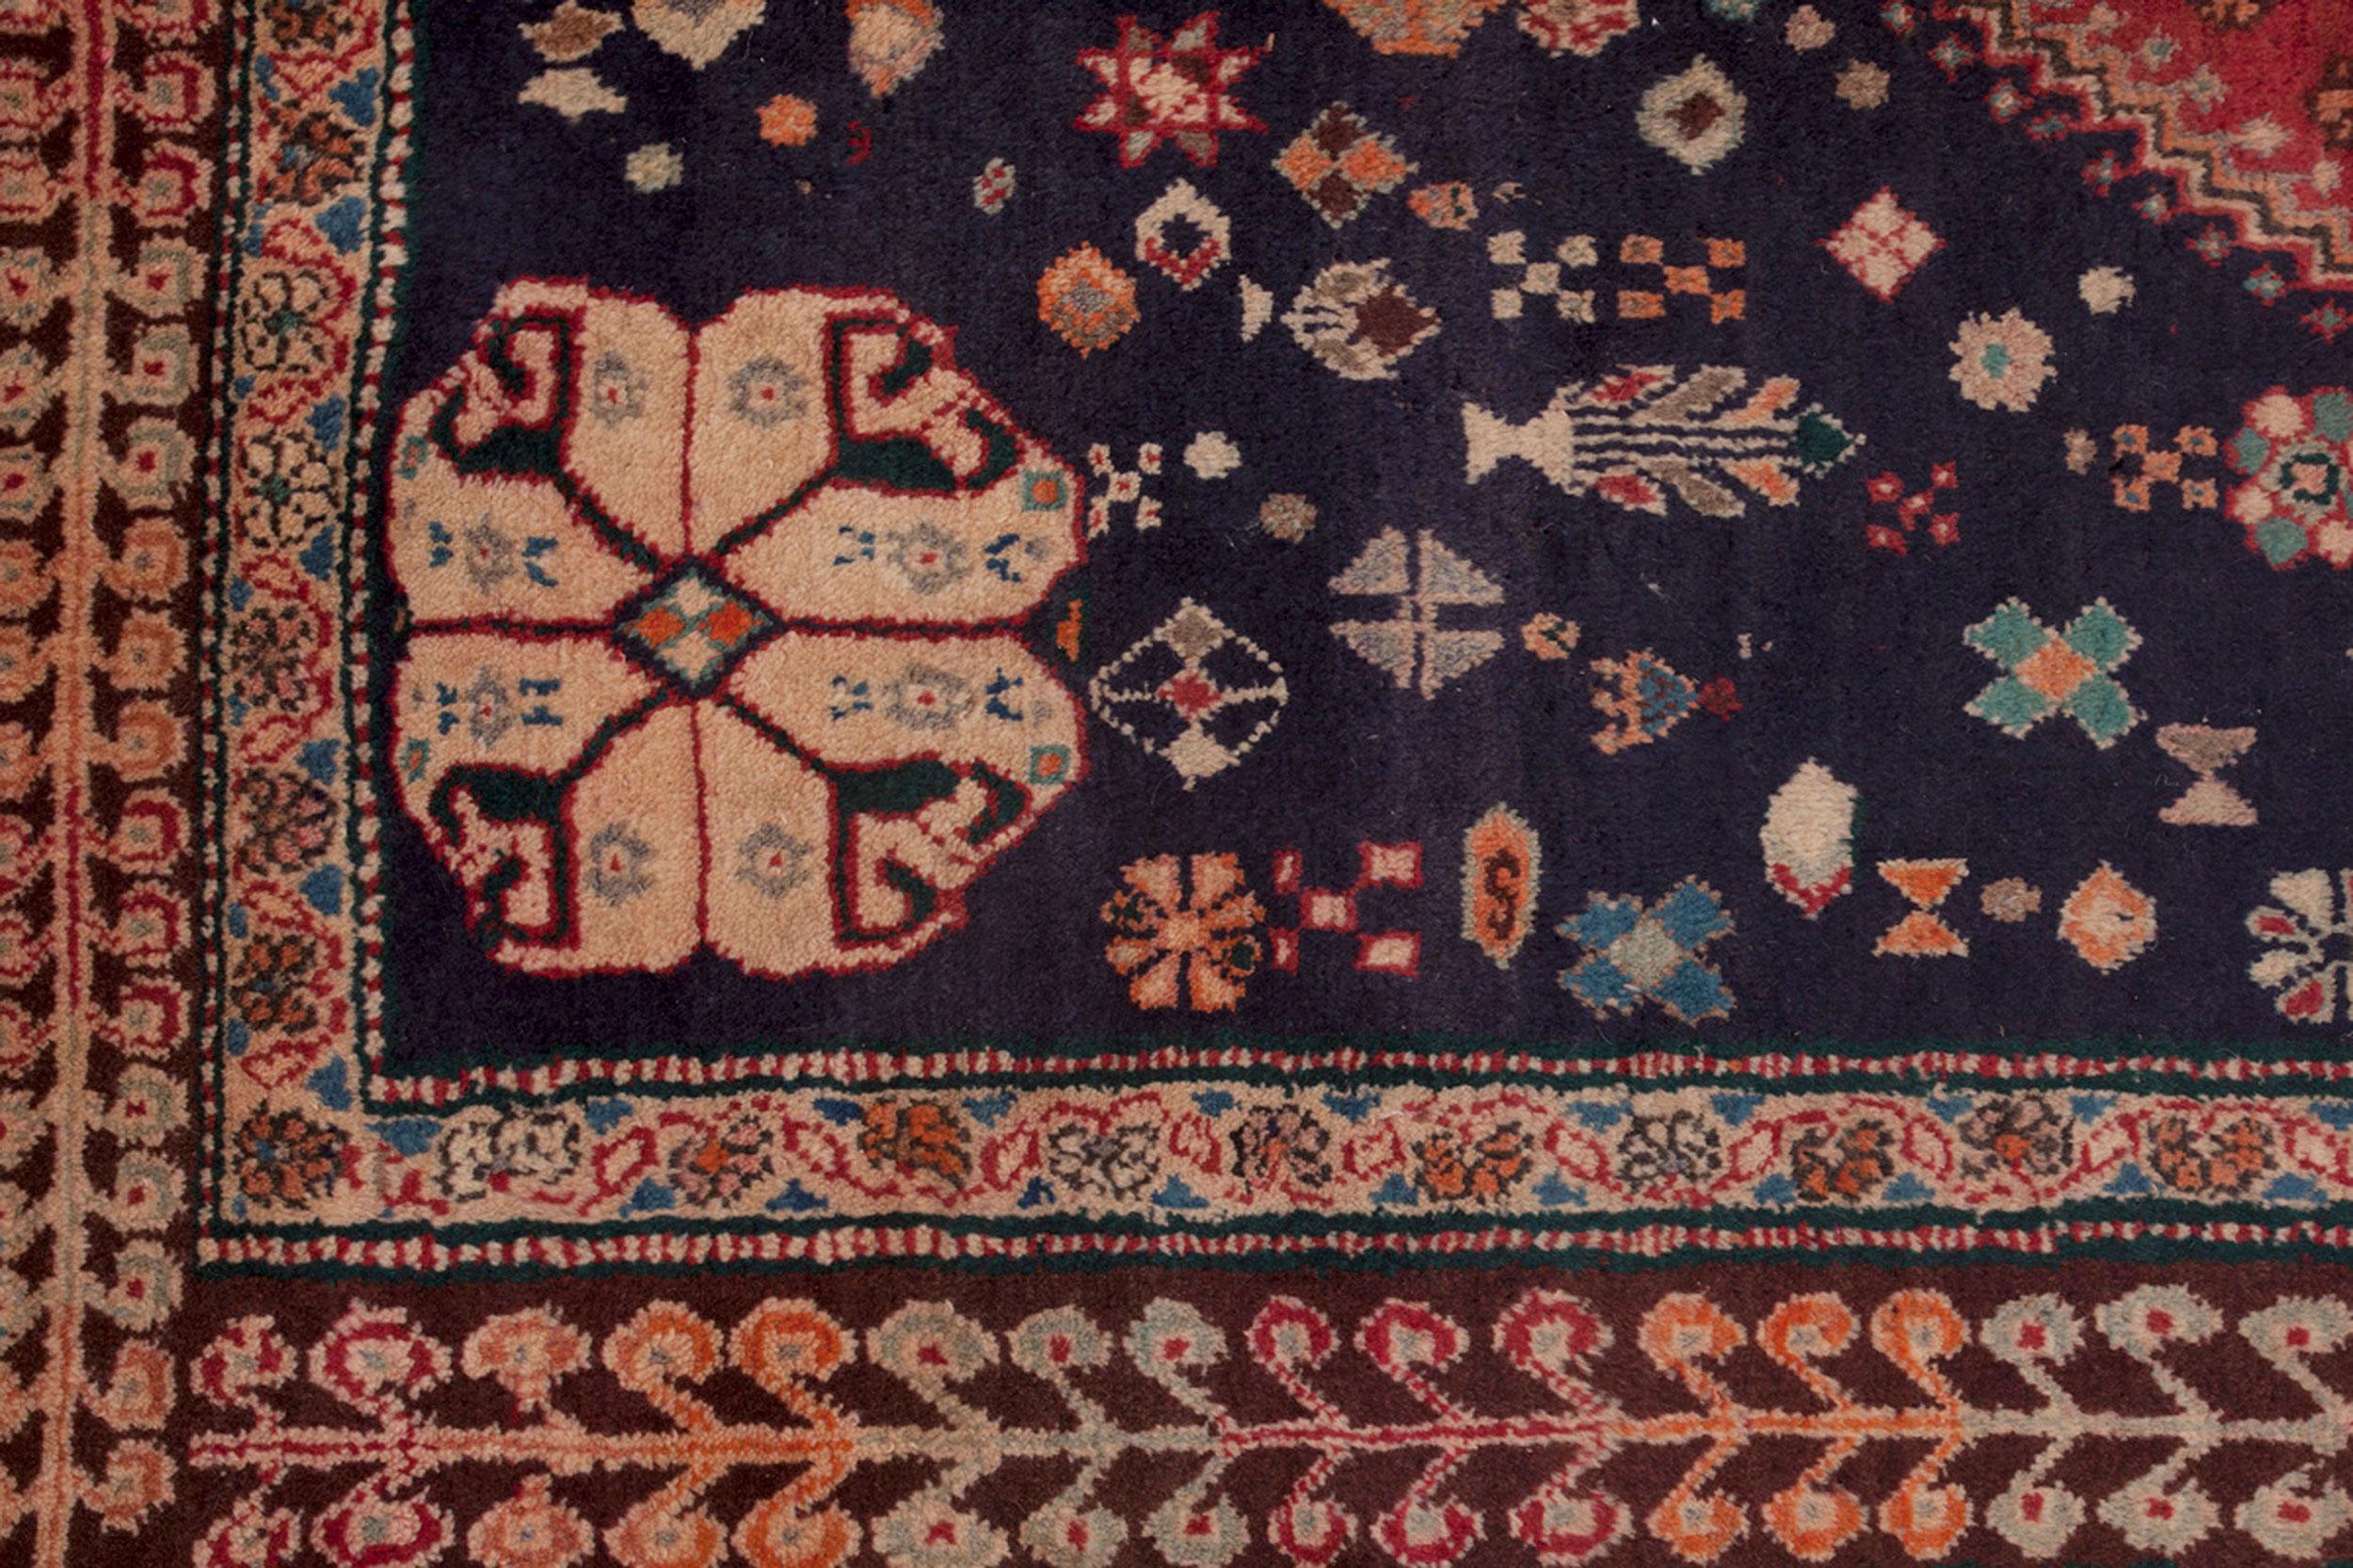 Vintage Qashqai Carpet 282x195cm